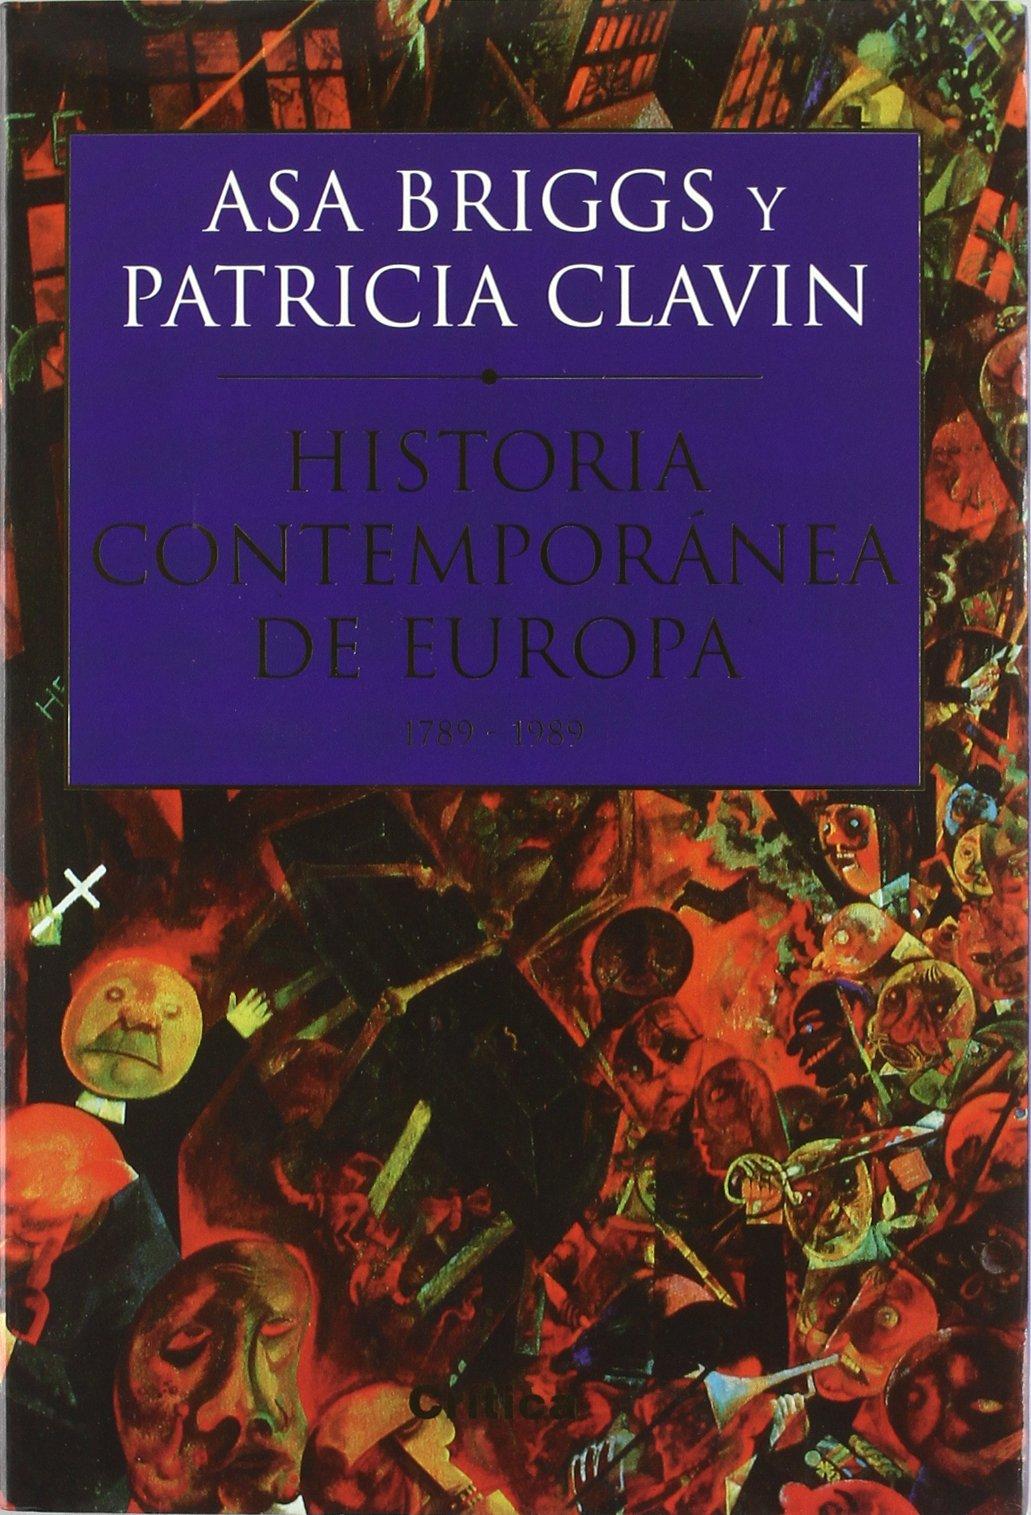 Historia Contemporánea de Europa (Serie Mayor): Amazon.es: Briggs, Asa, Clavin, Patricia: Libros